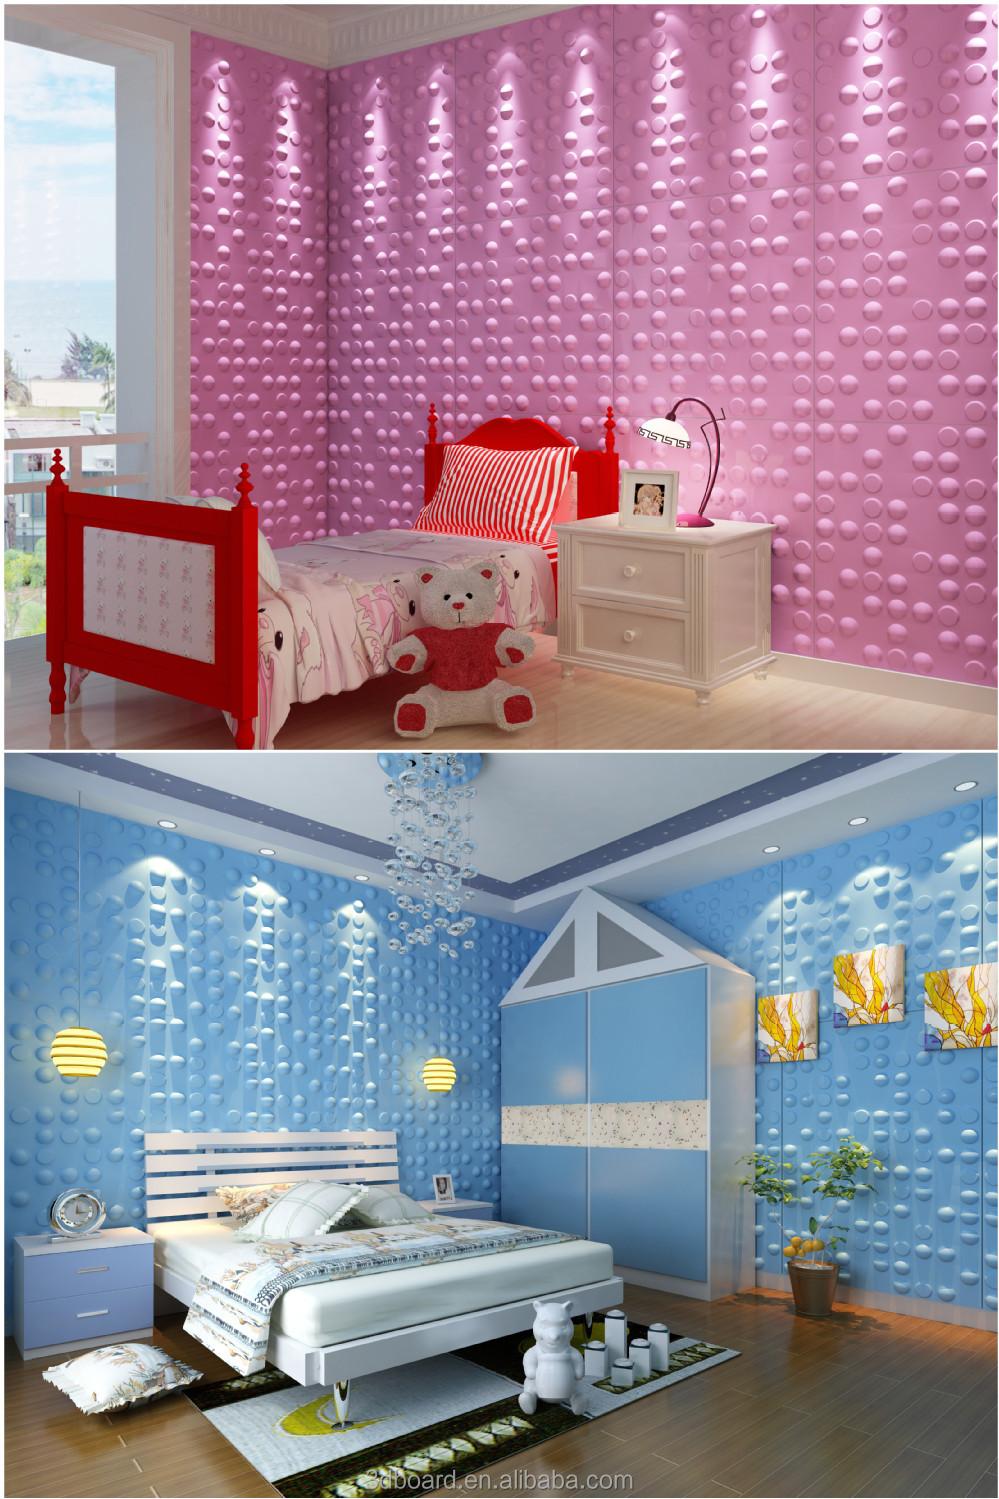 Modern Wall Art Decor Interior 3d Effect Wall Panels For